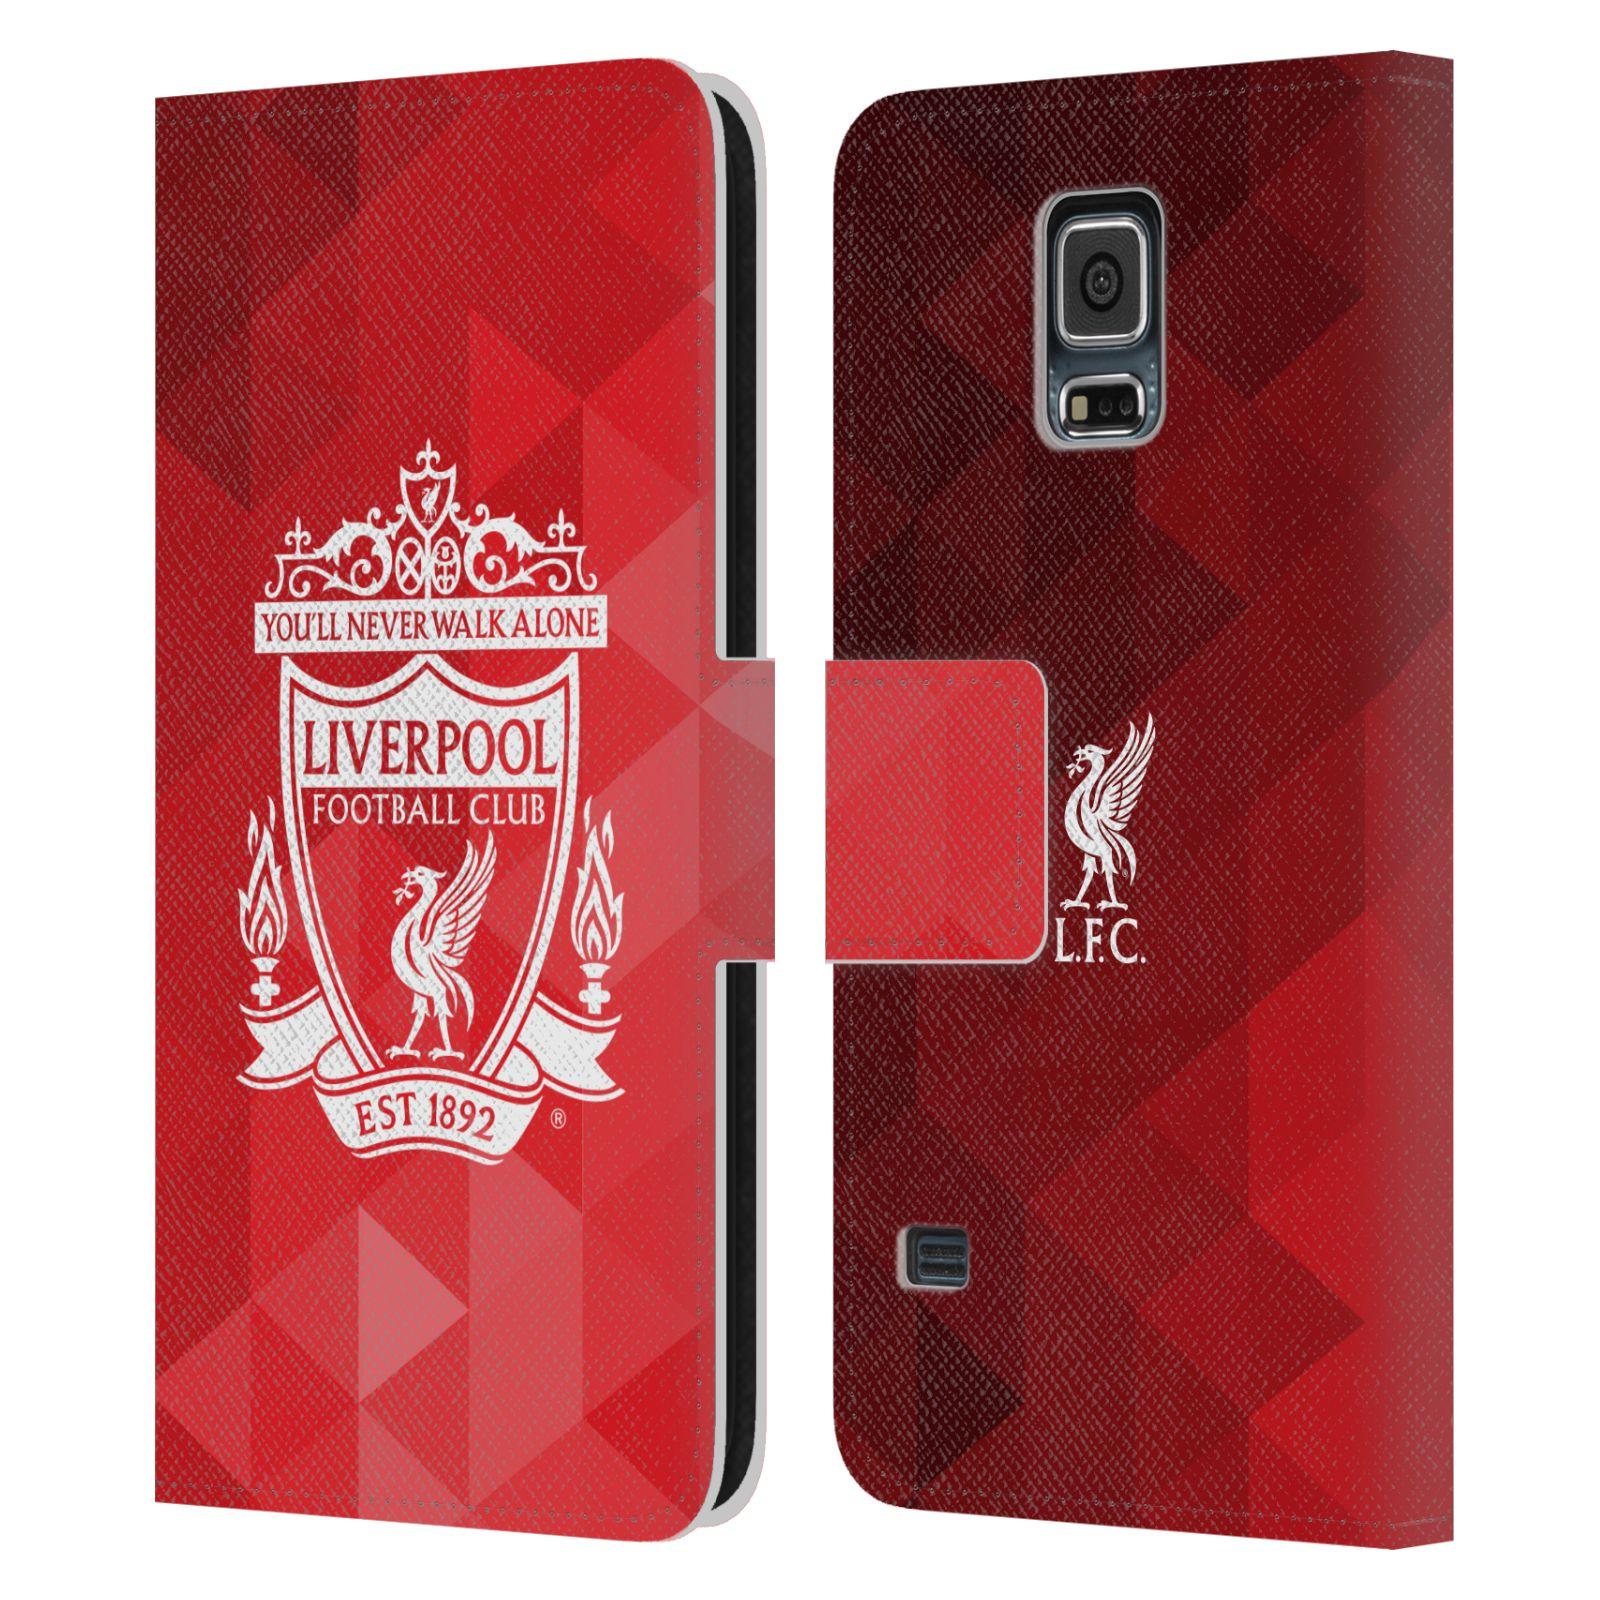 HEAD CASE Flipové pouzdro pro mobil Samsung Galaxy S5 / S5 NEO LIVERPOOL FC OFICIÁLNÍ ZNAK kostky bílý znak na červené